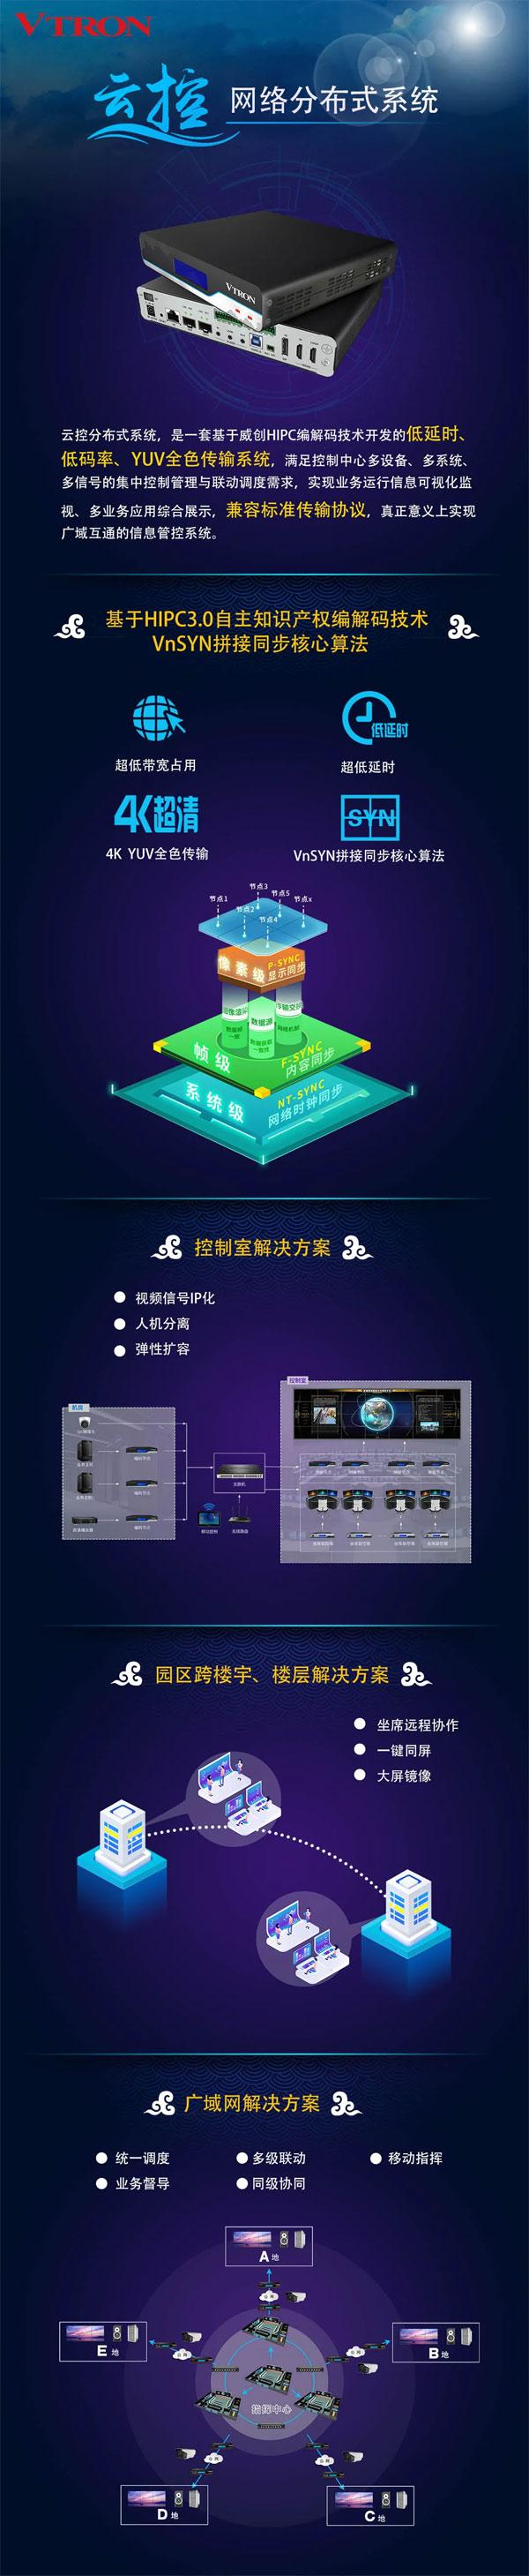 一图看懂VTRON威创云控网络分布式系统有啥独特之处